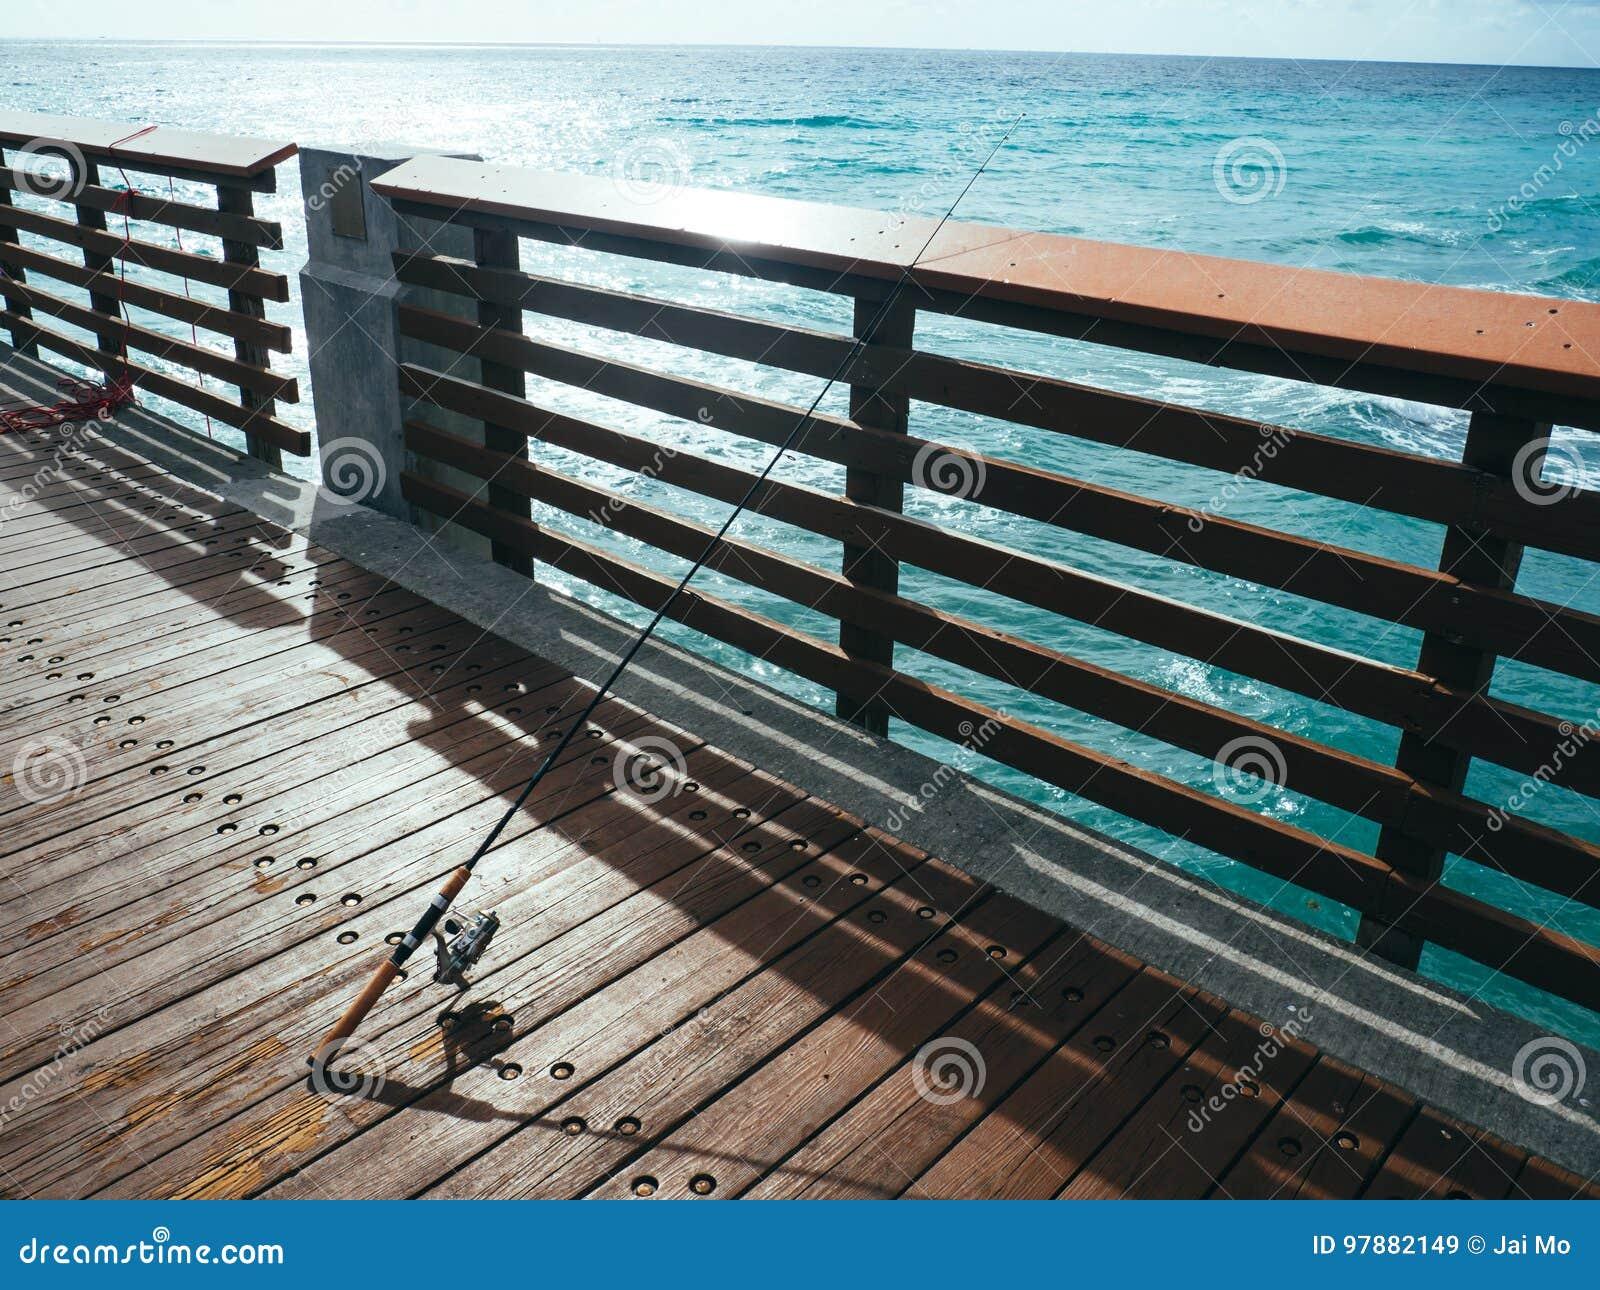 Angelrute auf Pier auf Ozean